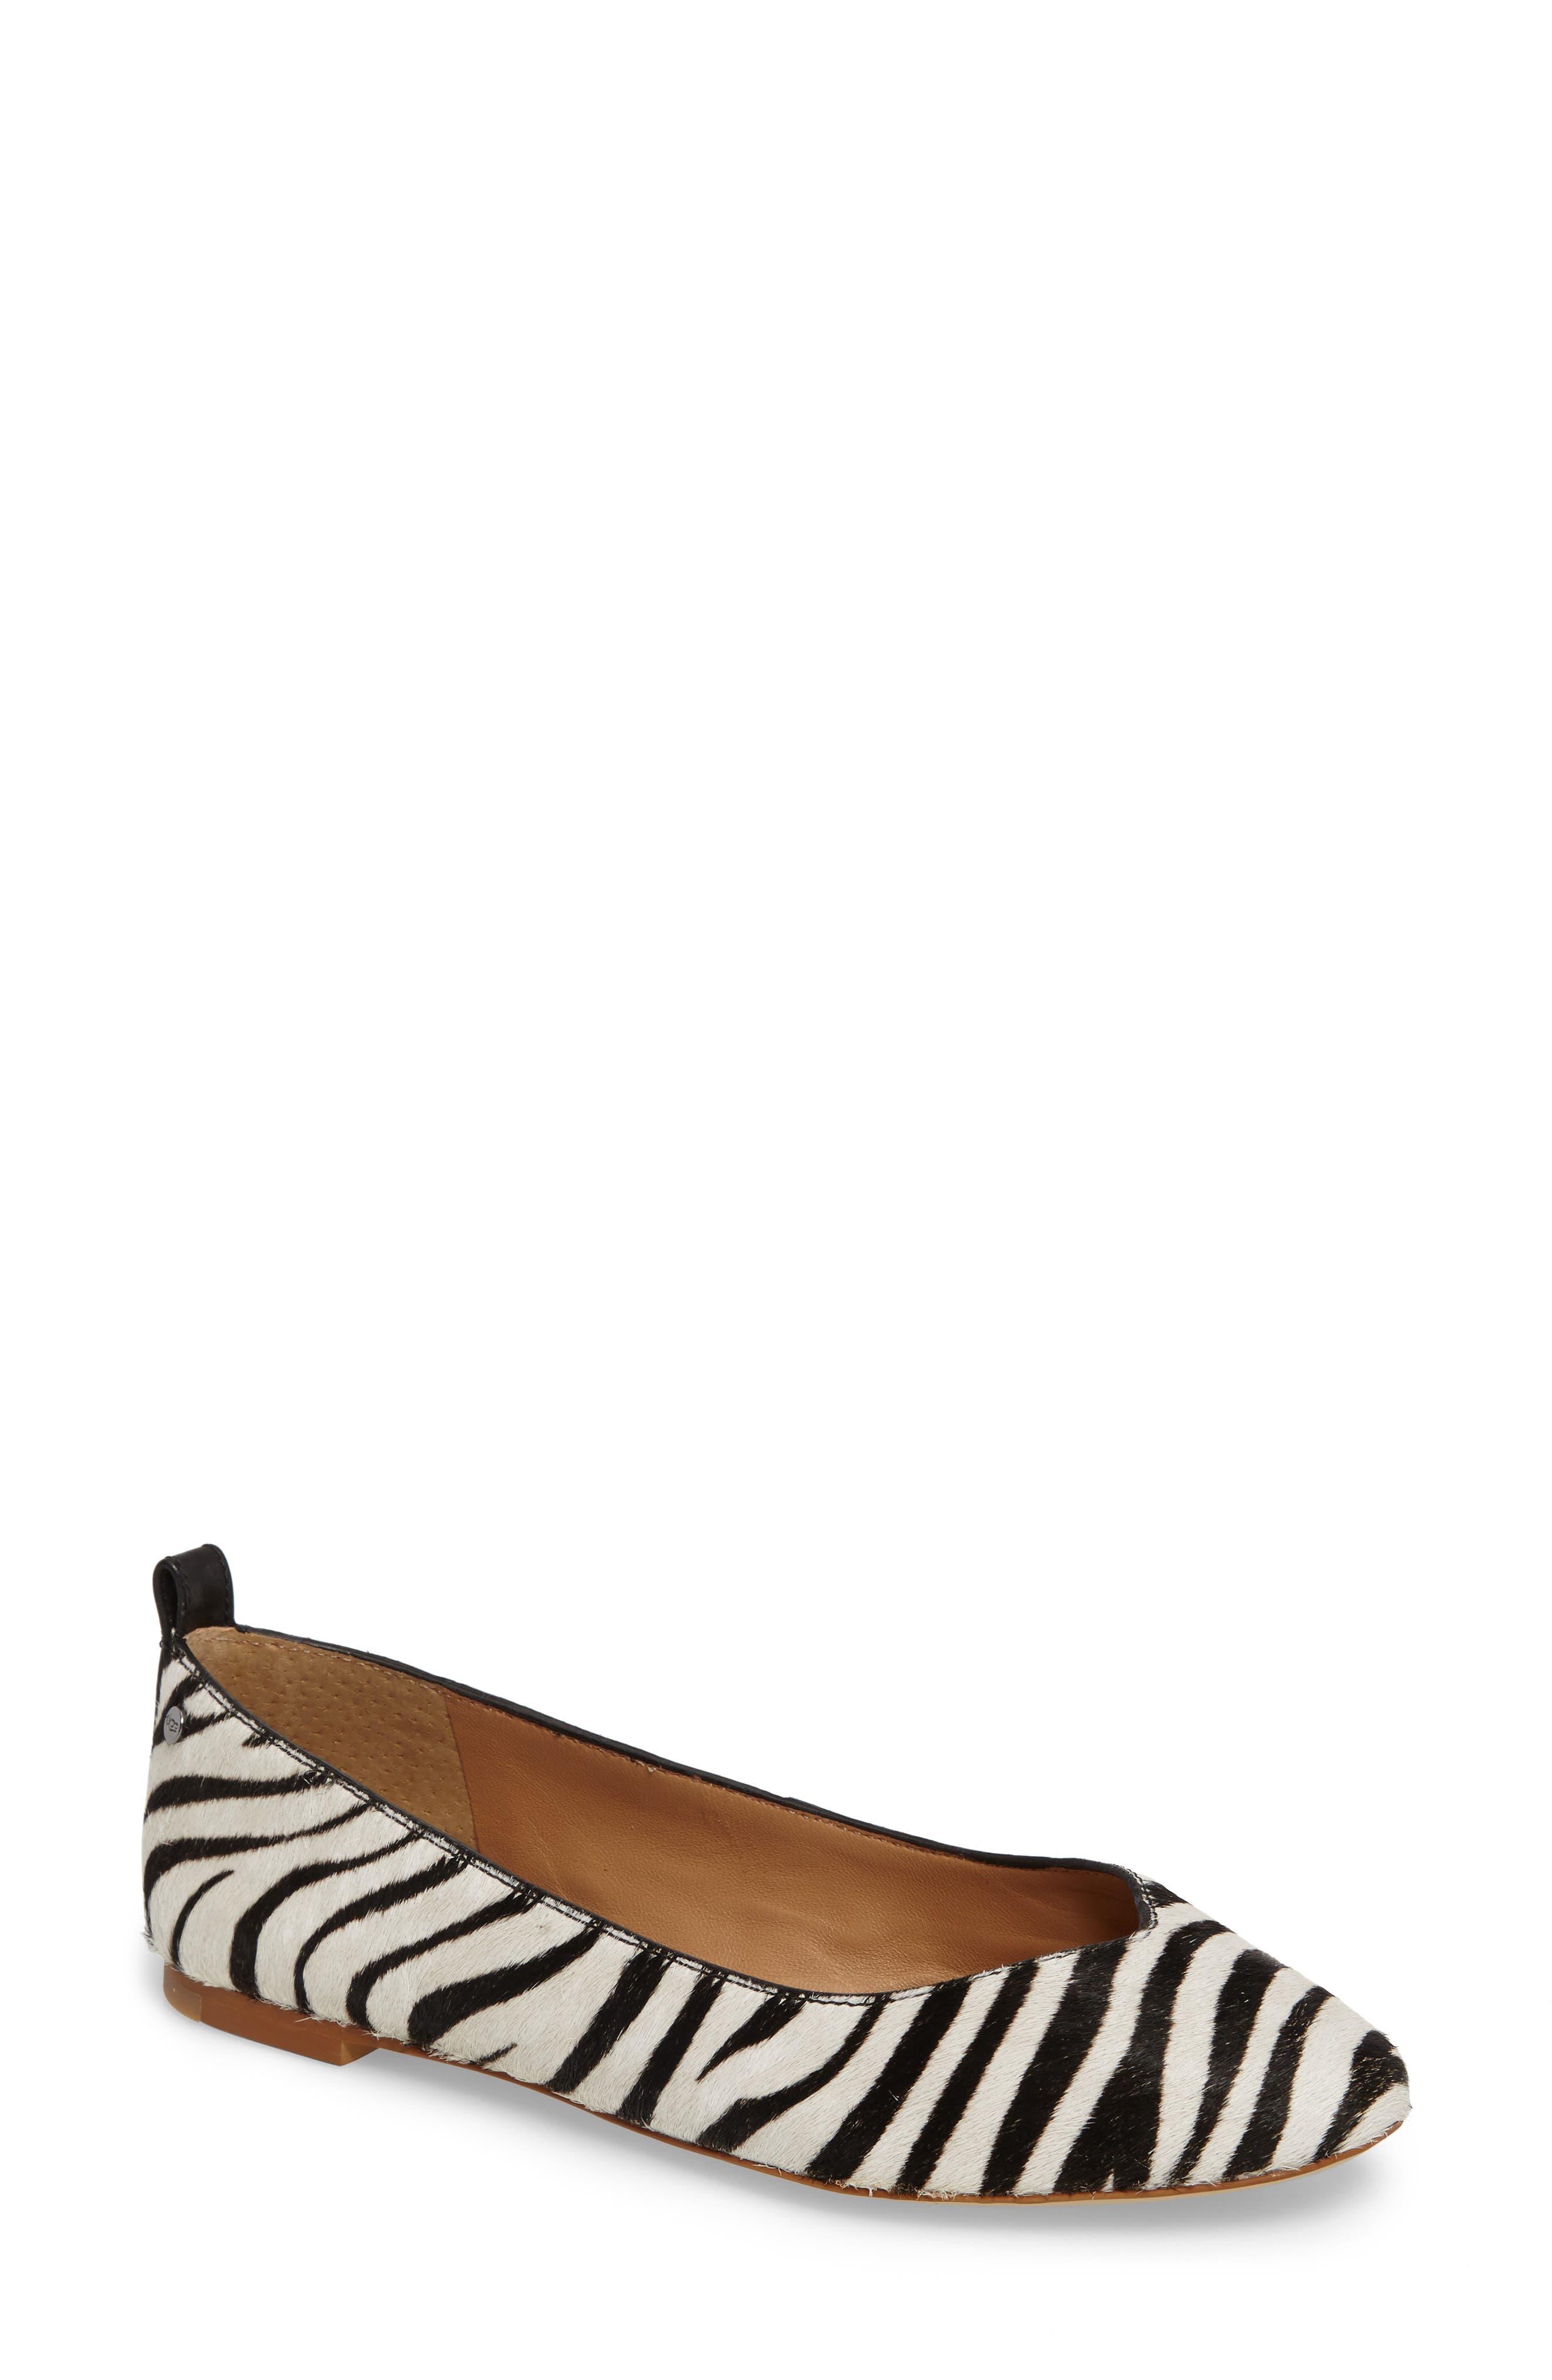 Lynley Genuine Calf Hair Flat,                         Main,                         color, Zebra Calf Hair Leather